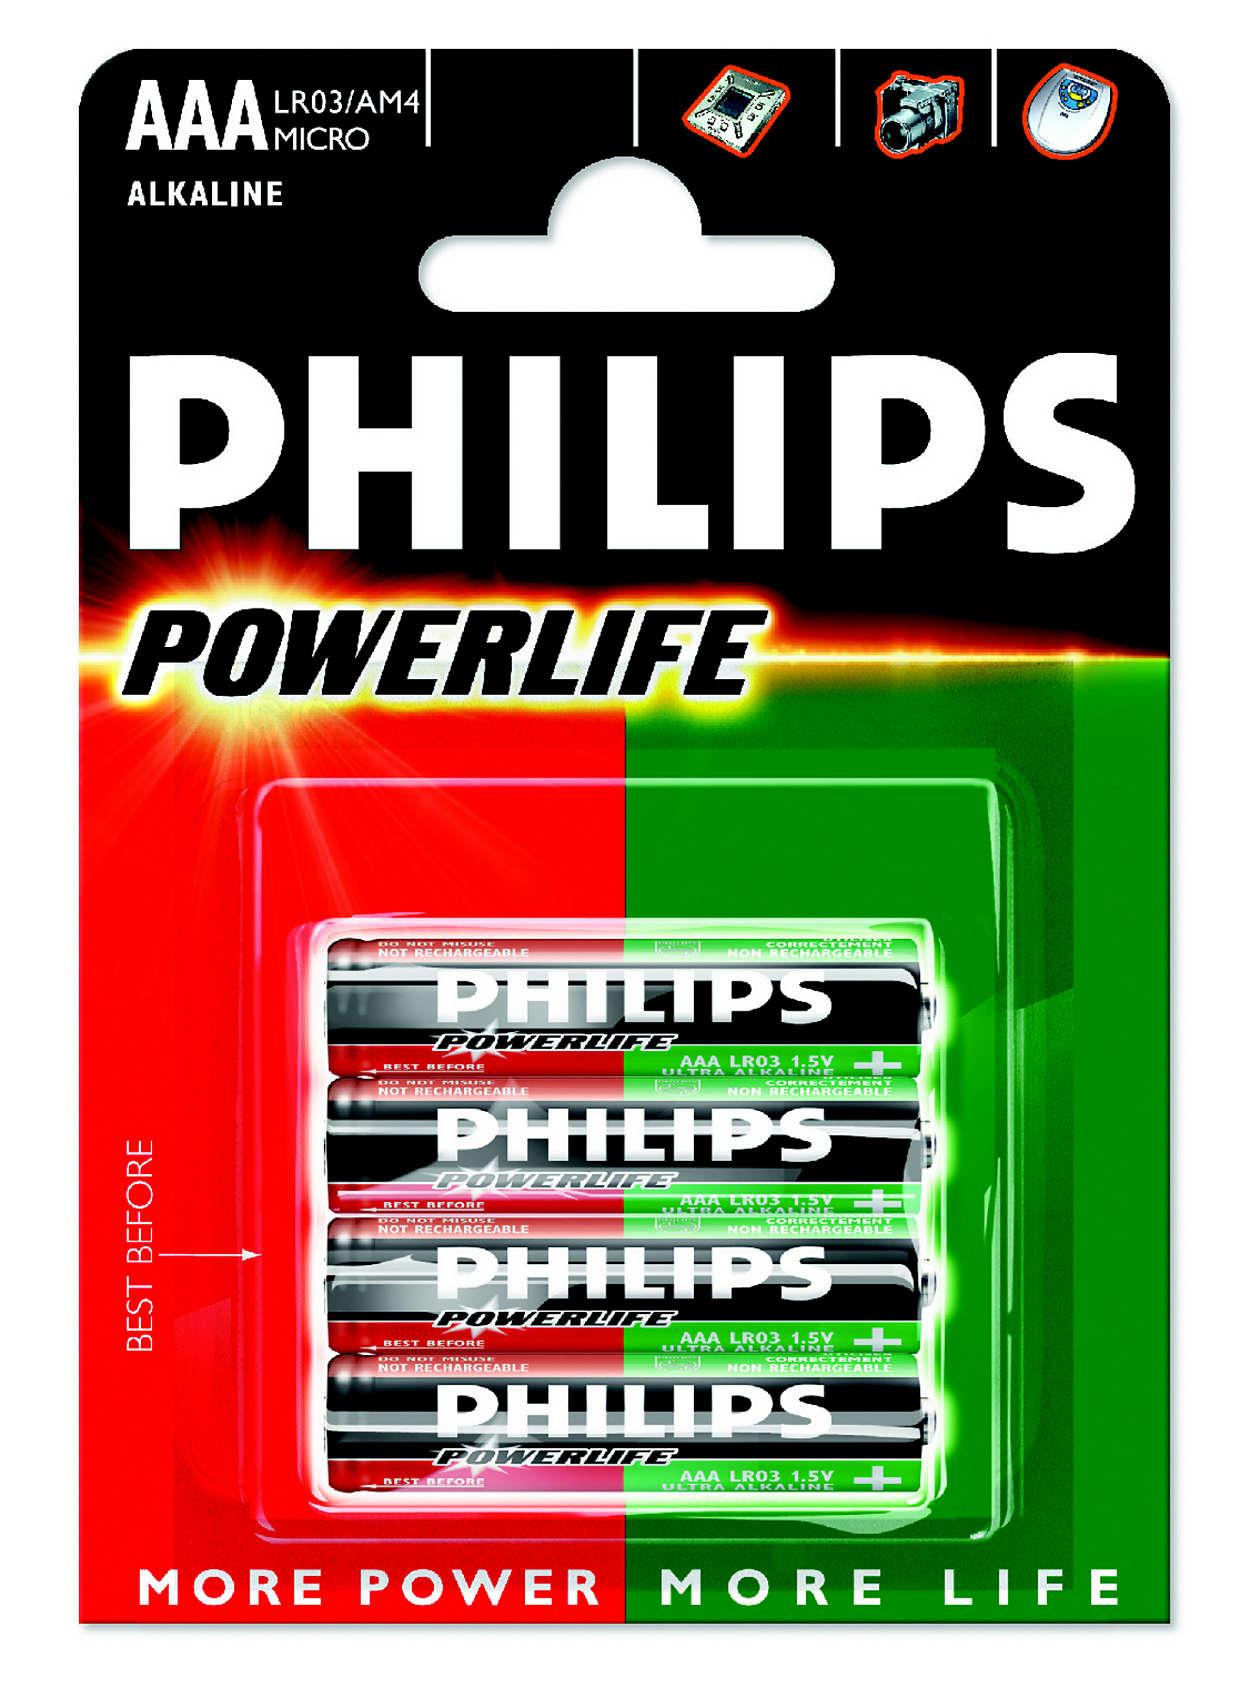 Extreme Power für Ihre Geräte mit hohem Strombedarf